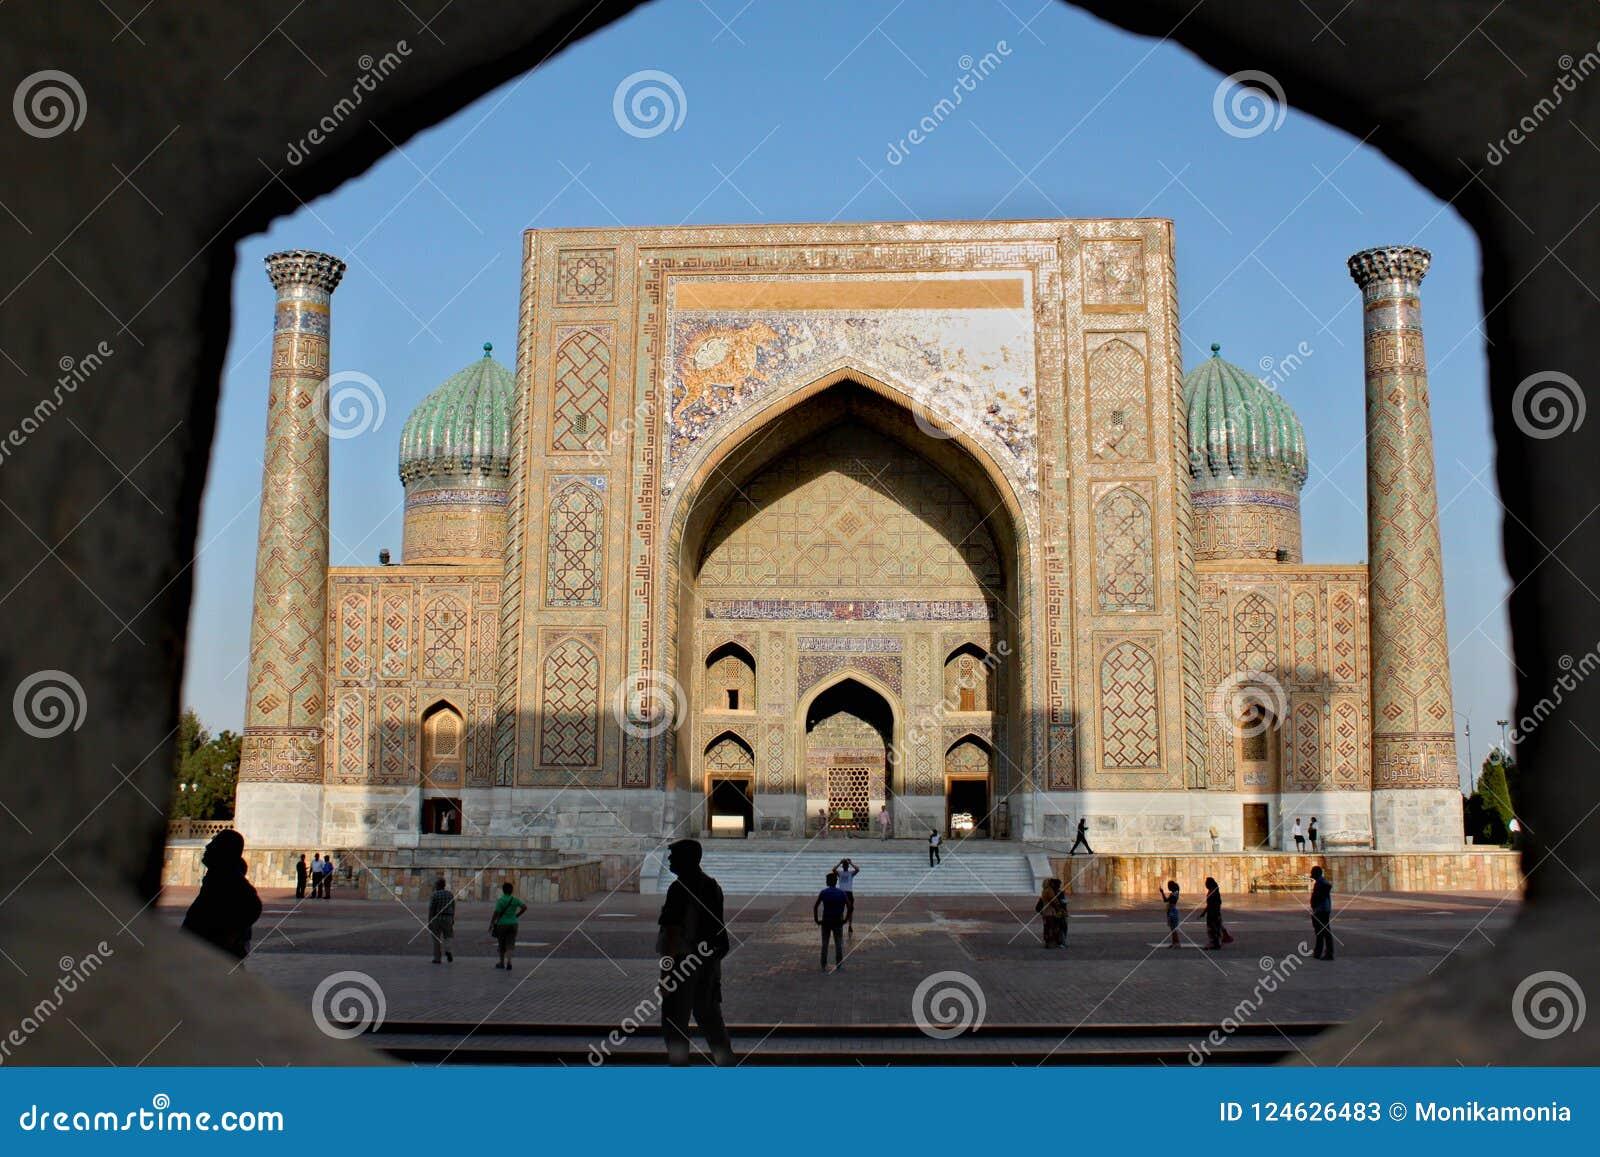 Sher Dor Medressa in Samarkand